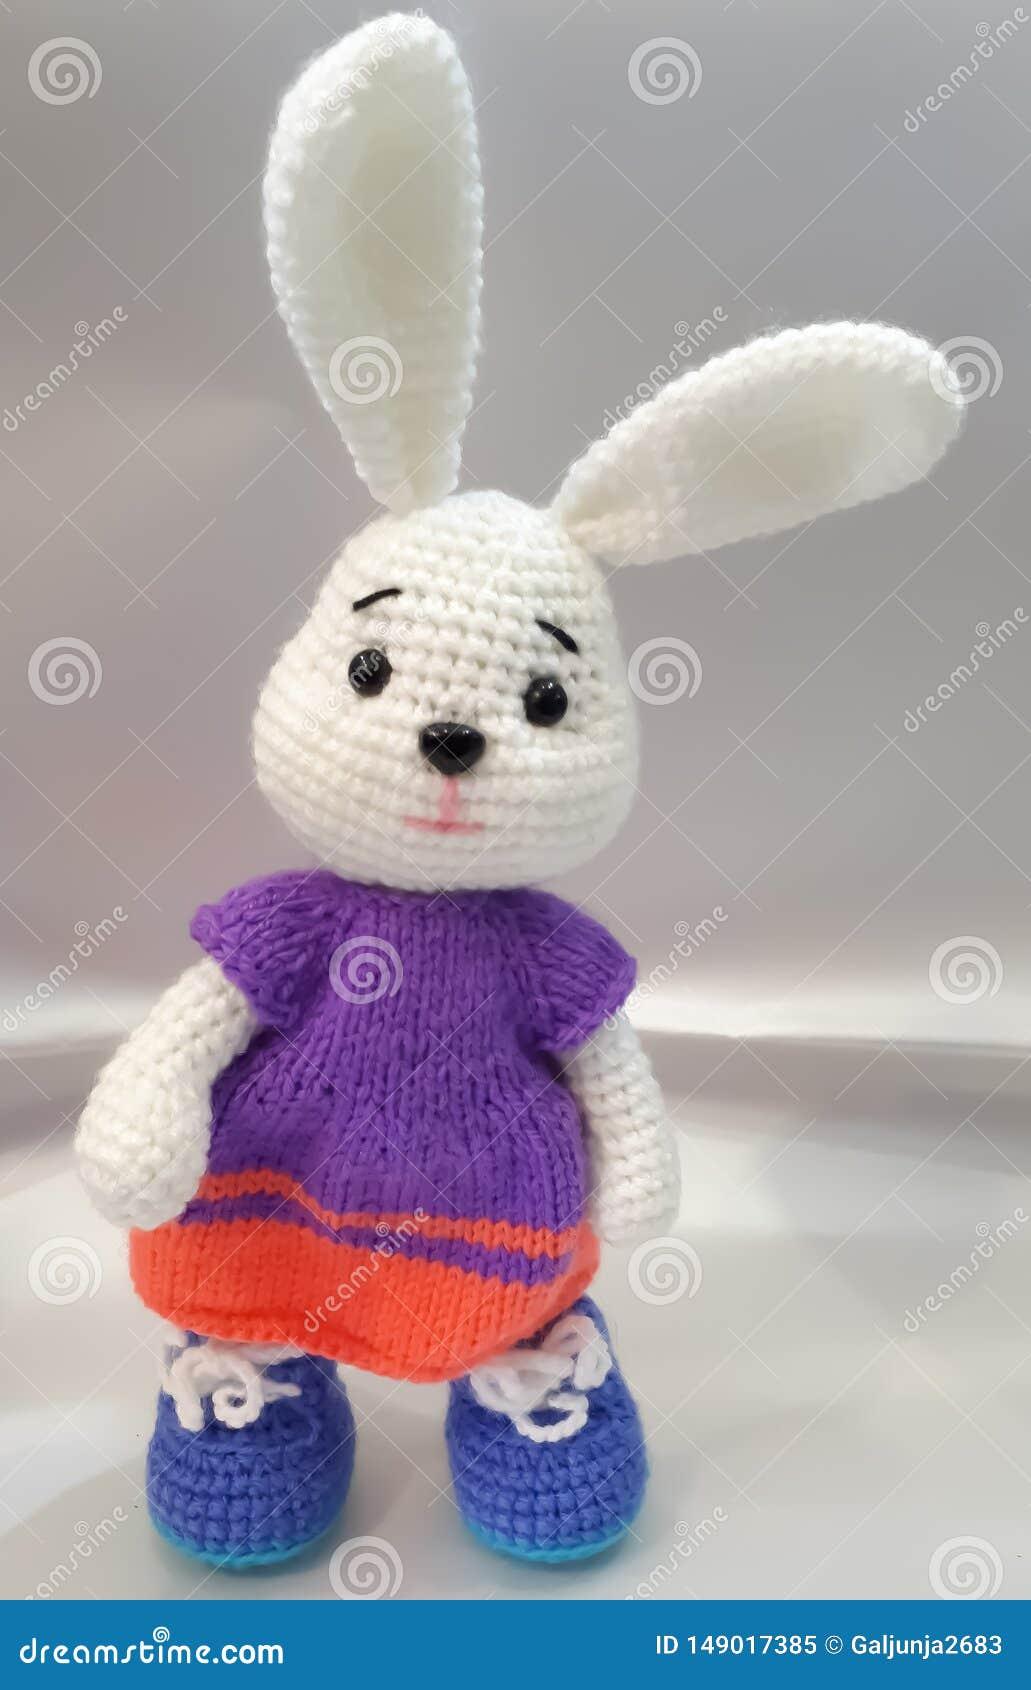 Связанные зайцы, ручная работа, белые, длинные уши, платье